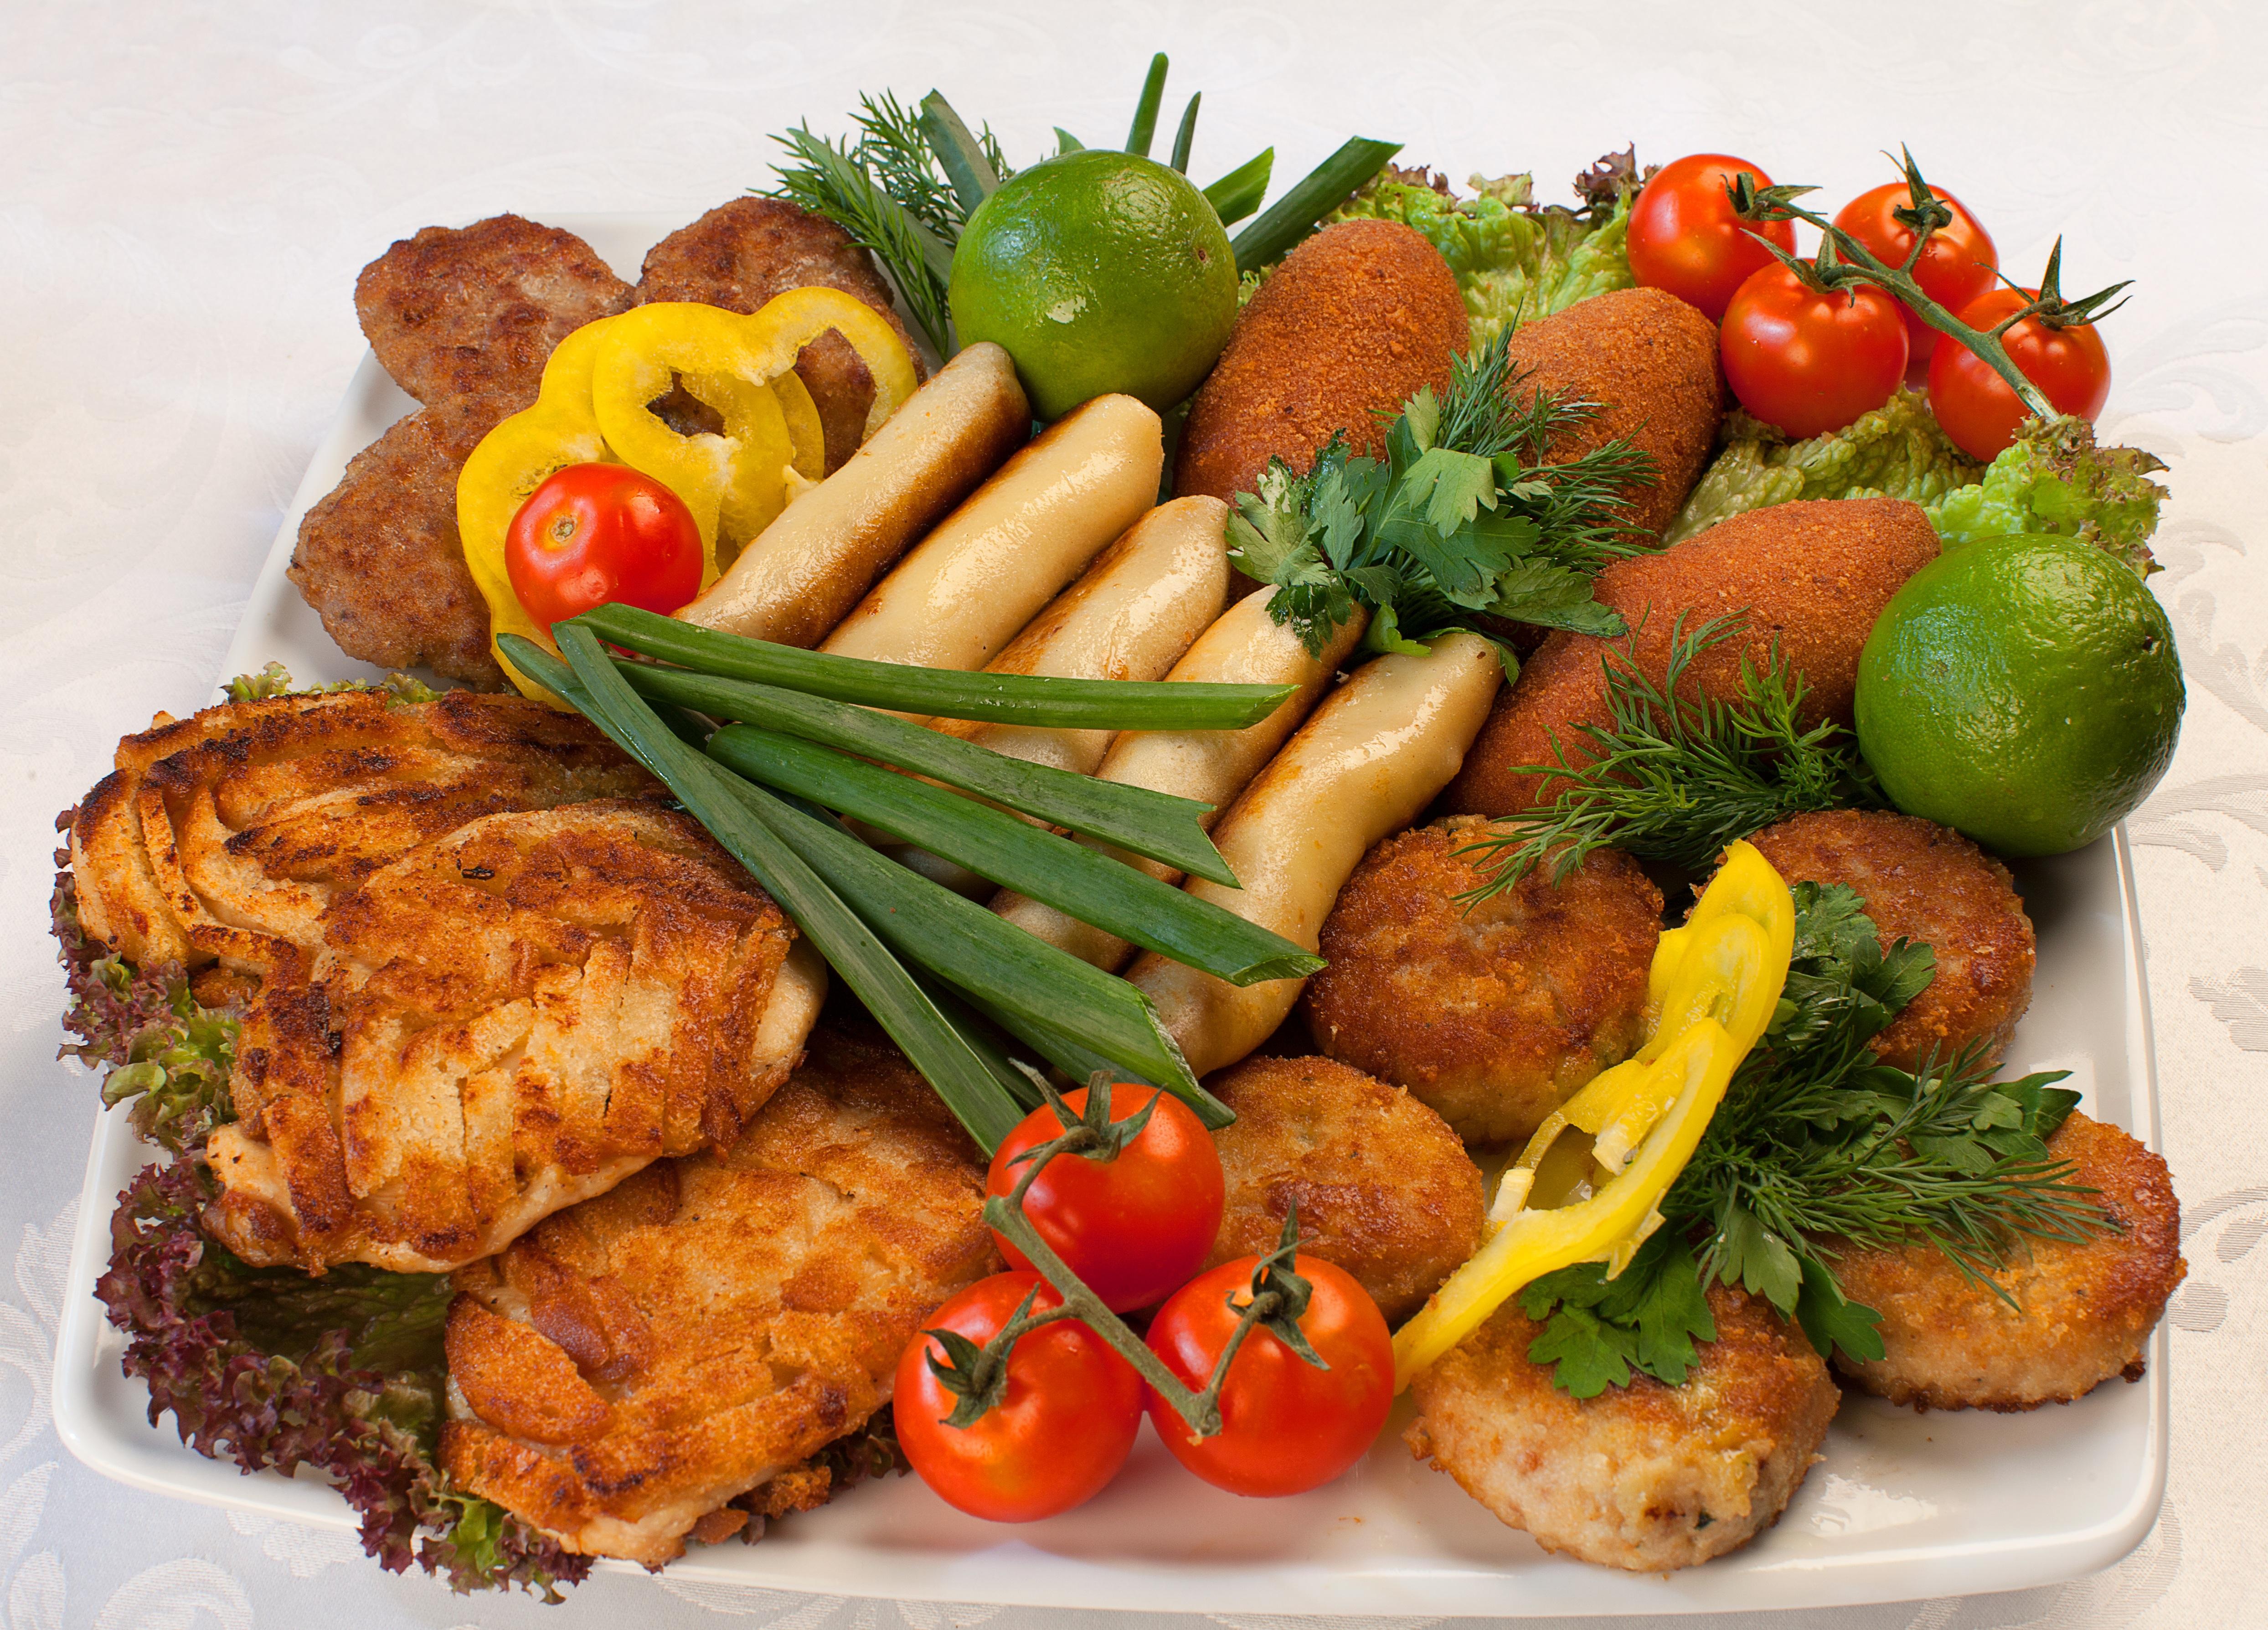 gratis afbeeldingen schotel maaltijd koken produceren groente bord vers keuken vis. Black Bedroom Furniture Sets. Home Design Ideas